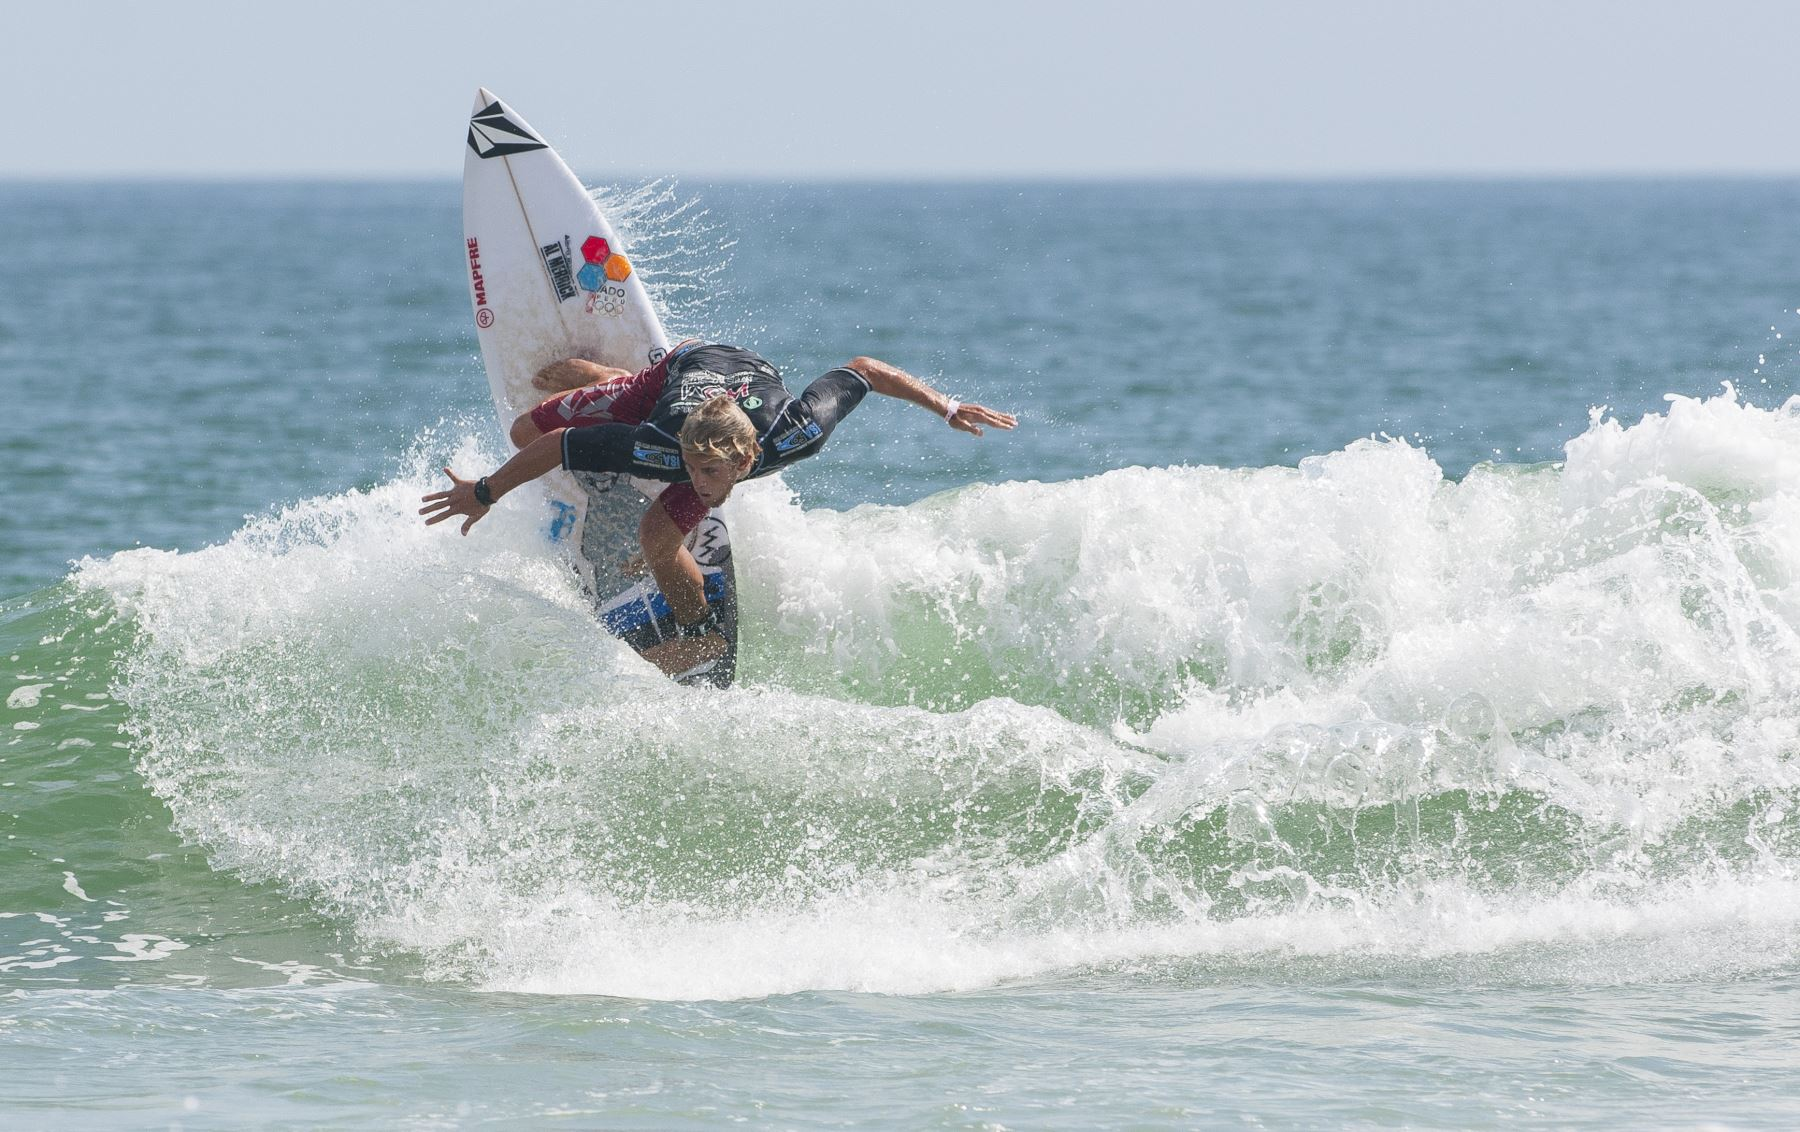 Circuito Mundial De Surf : Miguel tudela rumbo al título en el circuito mundial de surf en